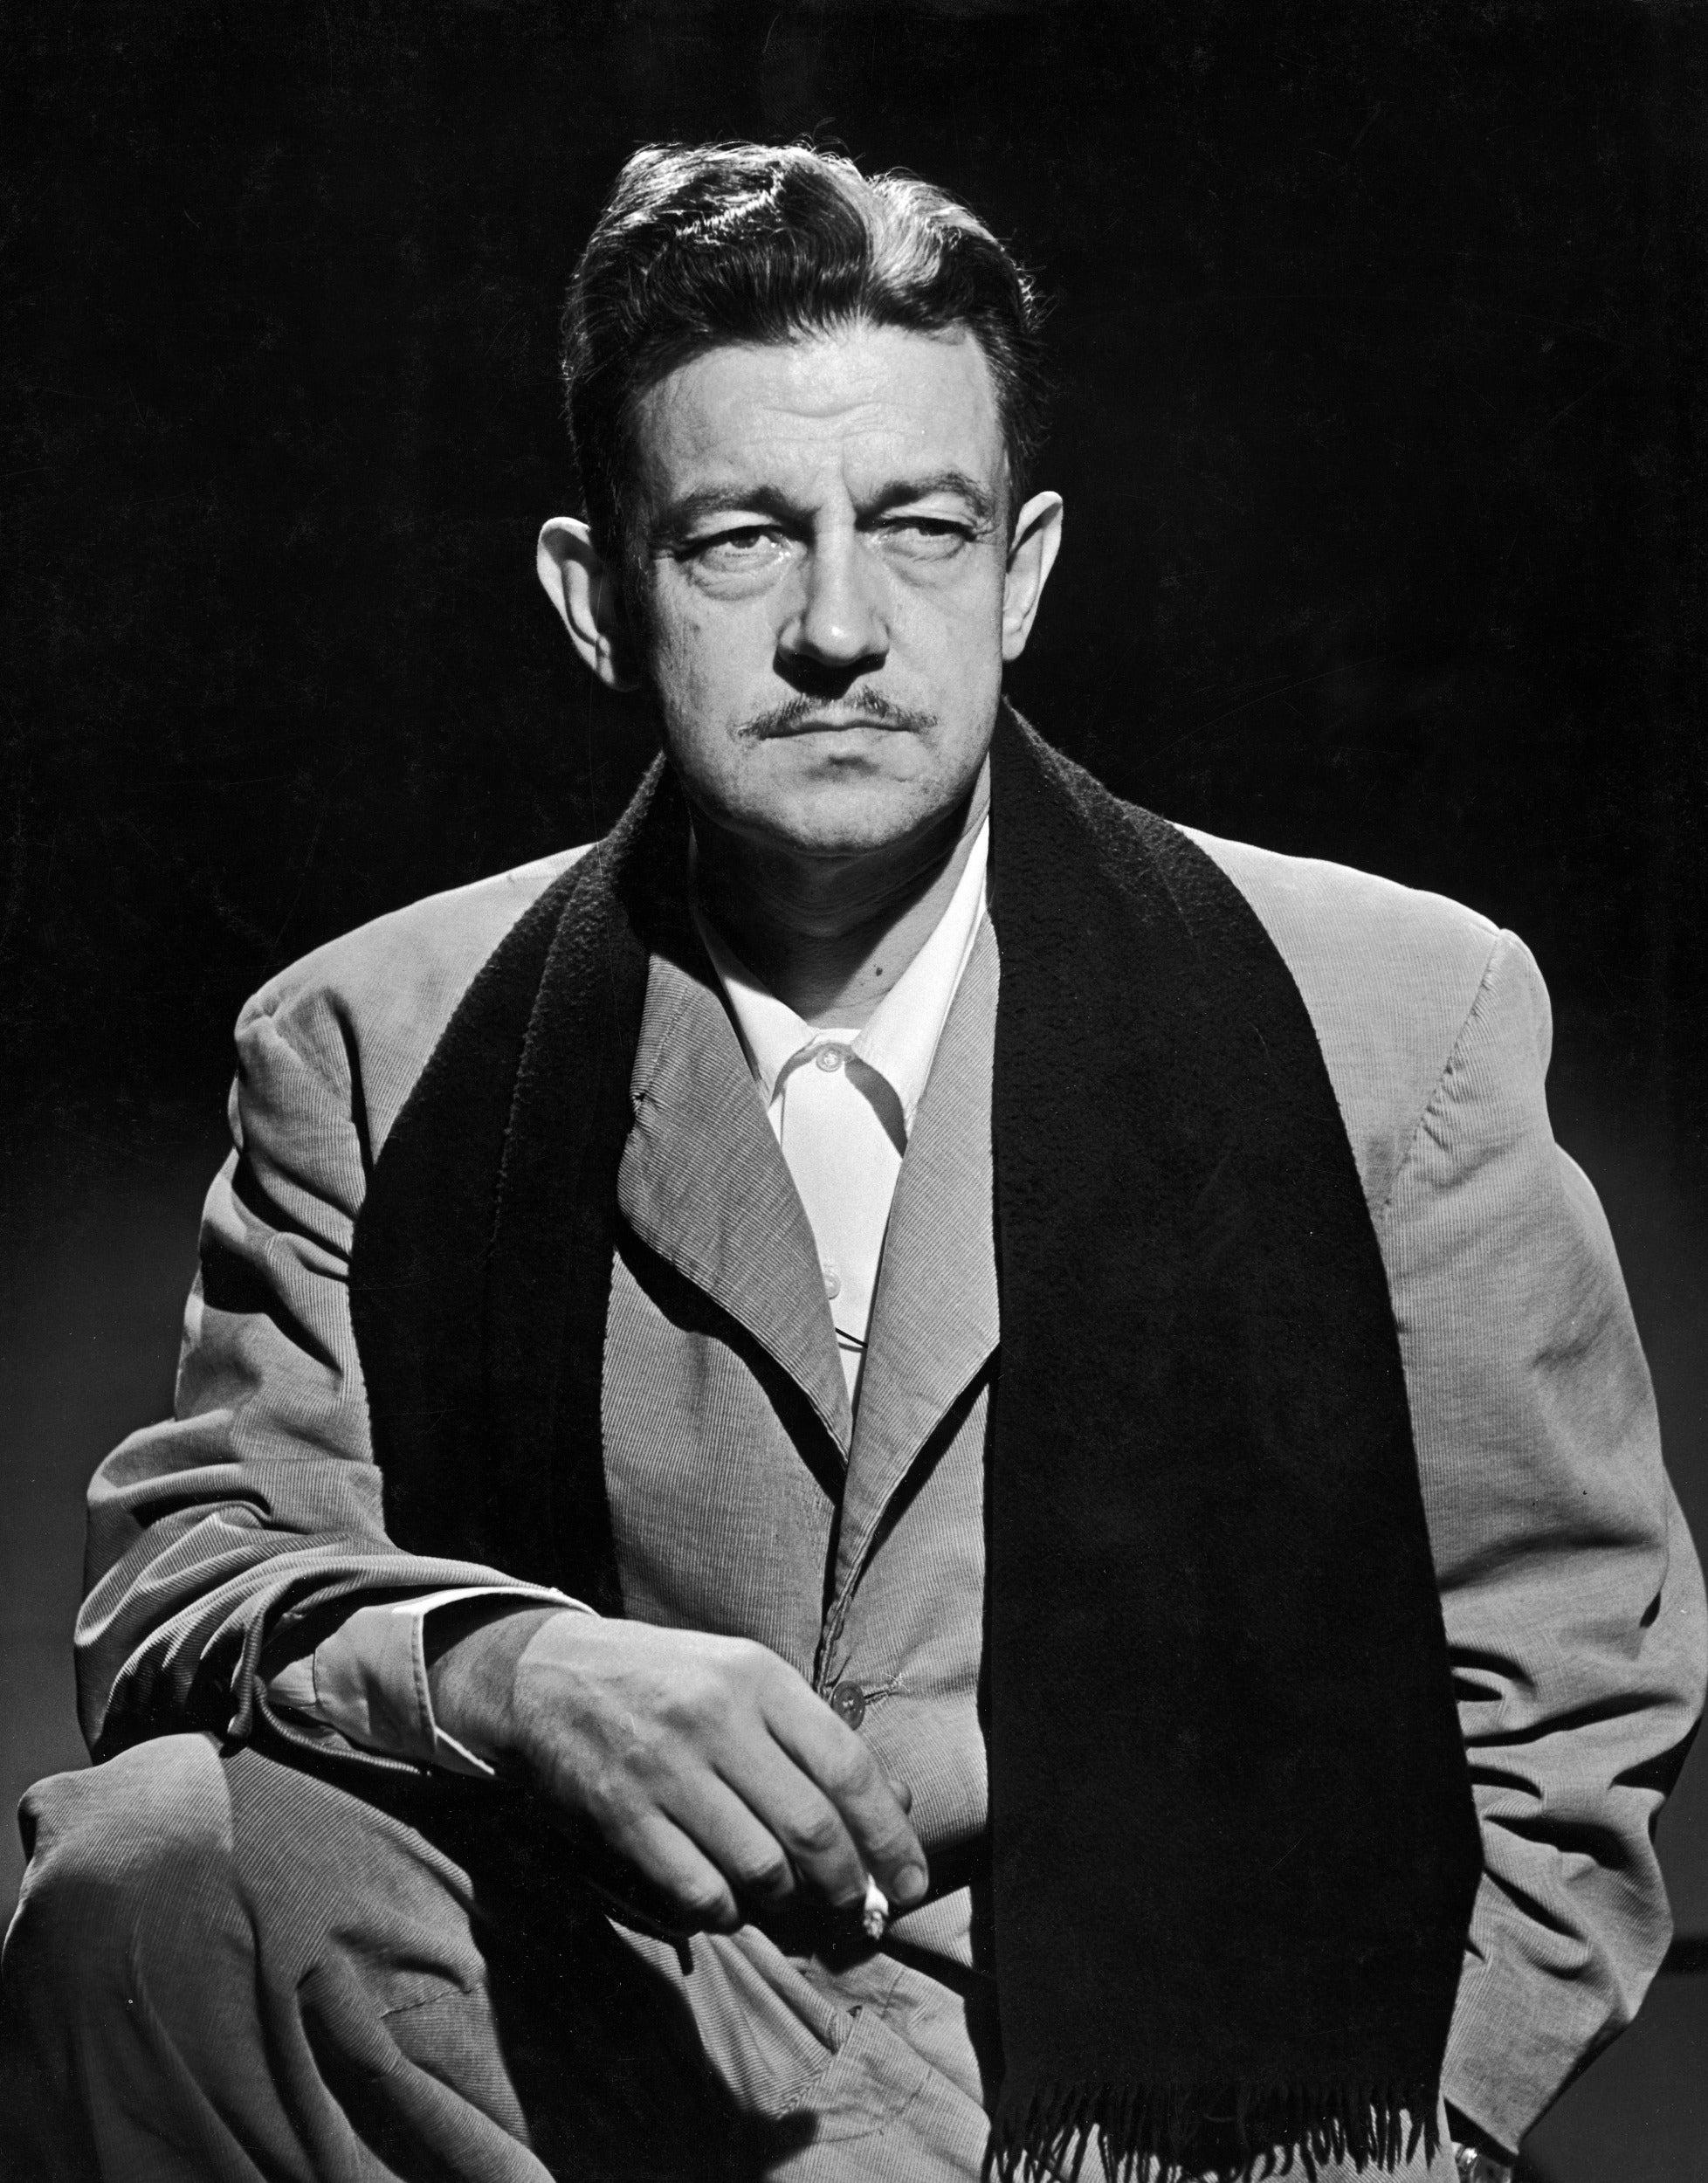 Filmmaker and dramatist Preston Sturges